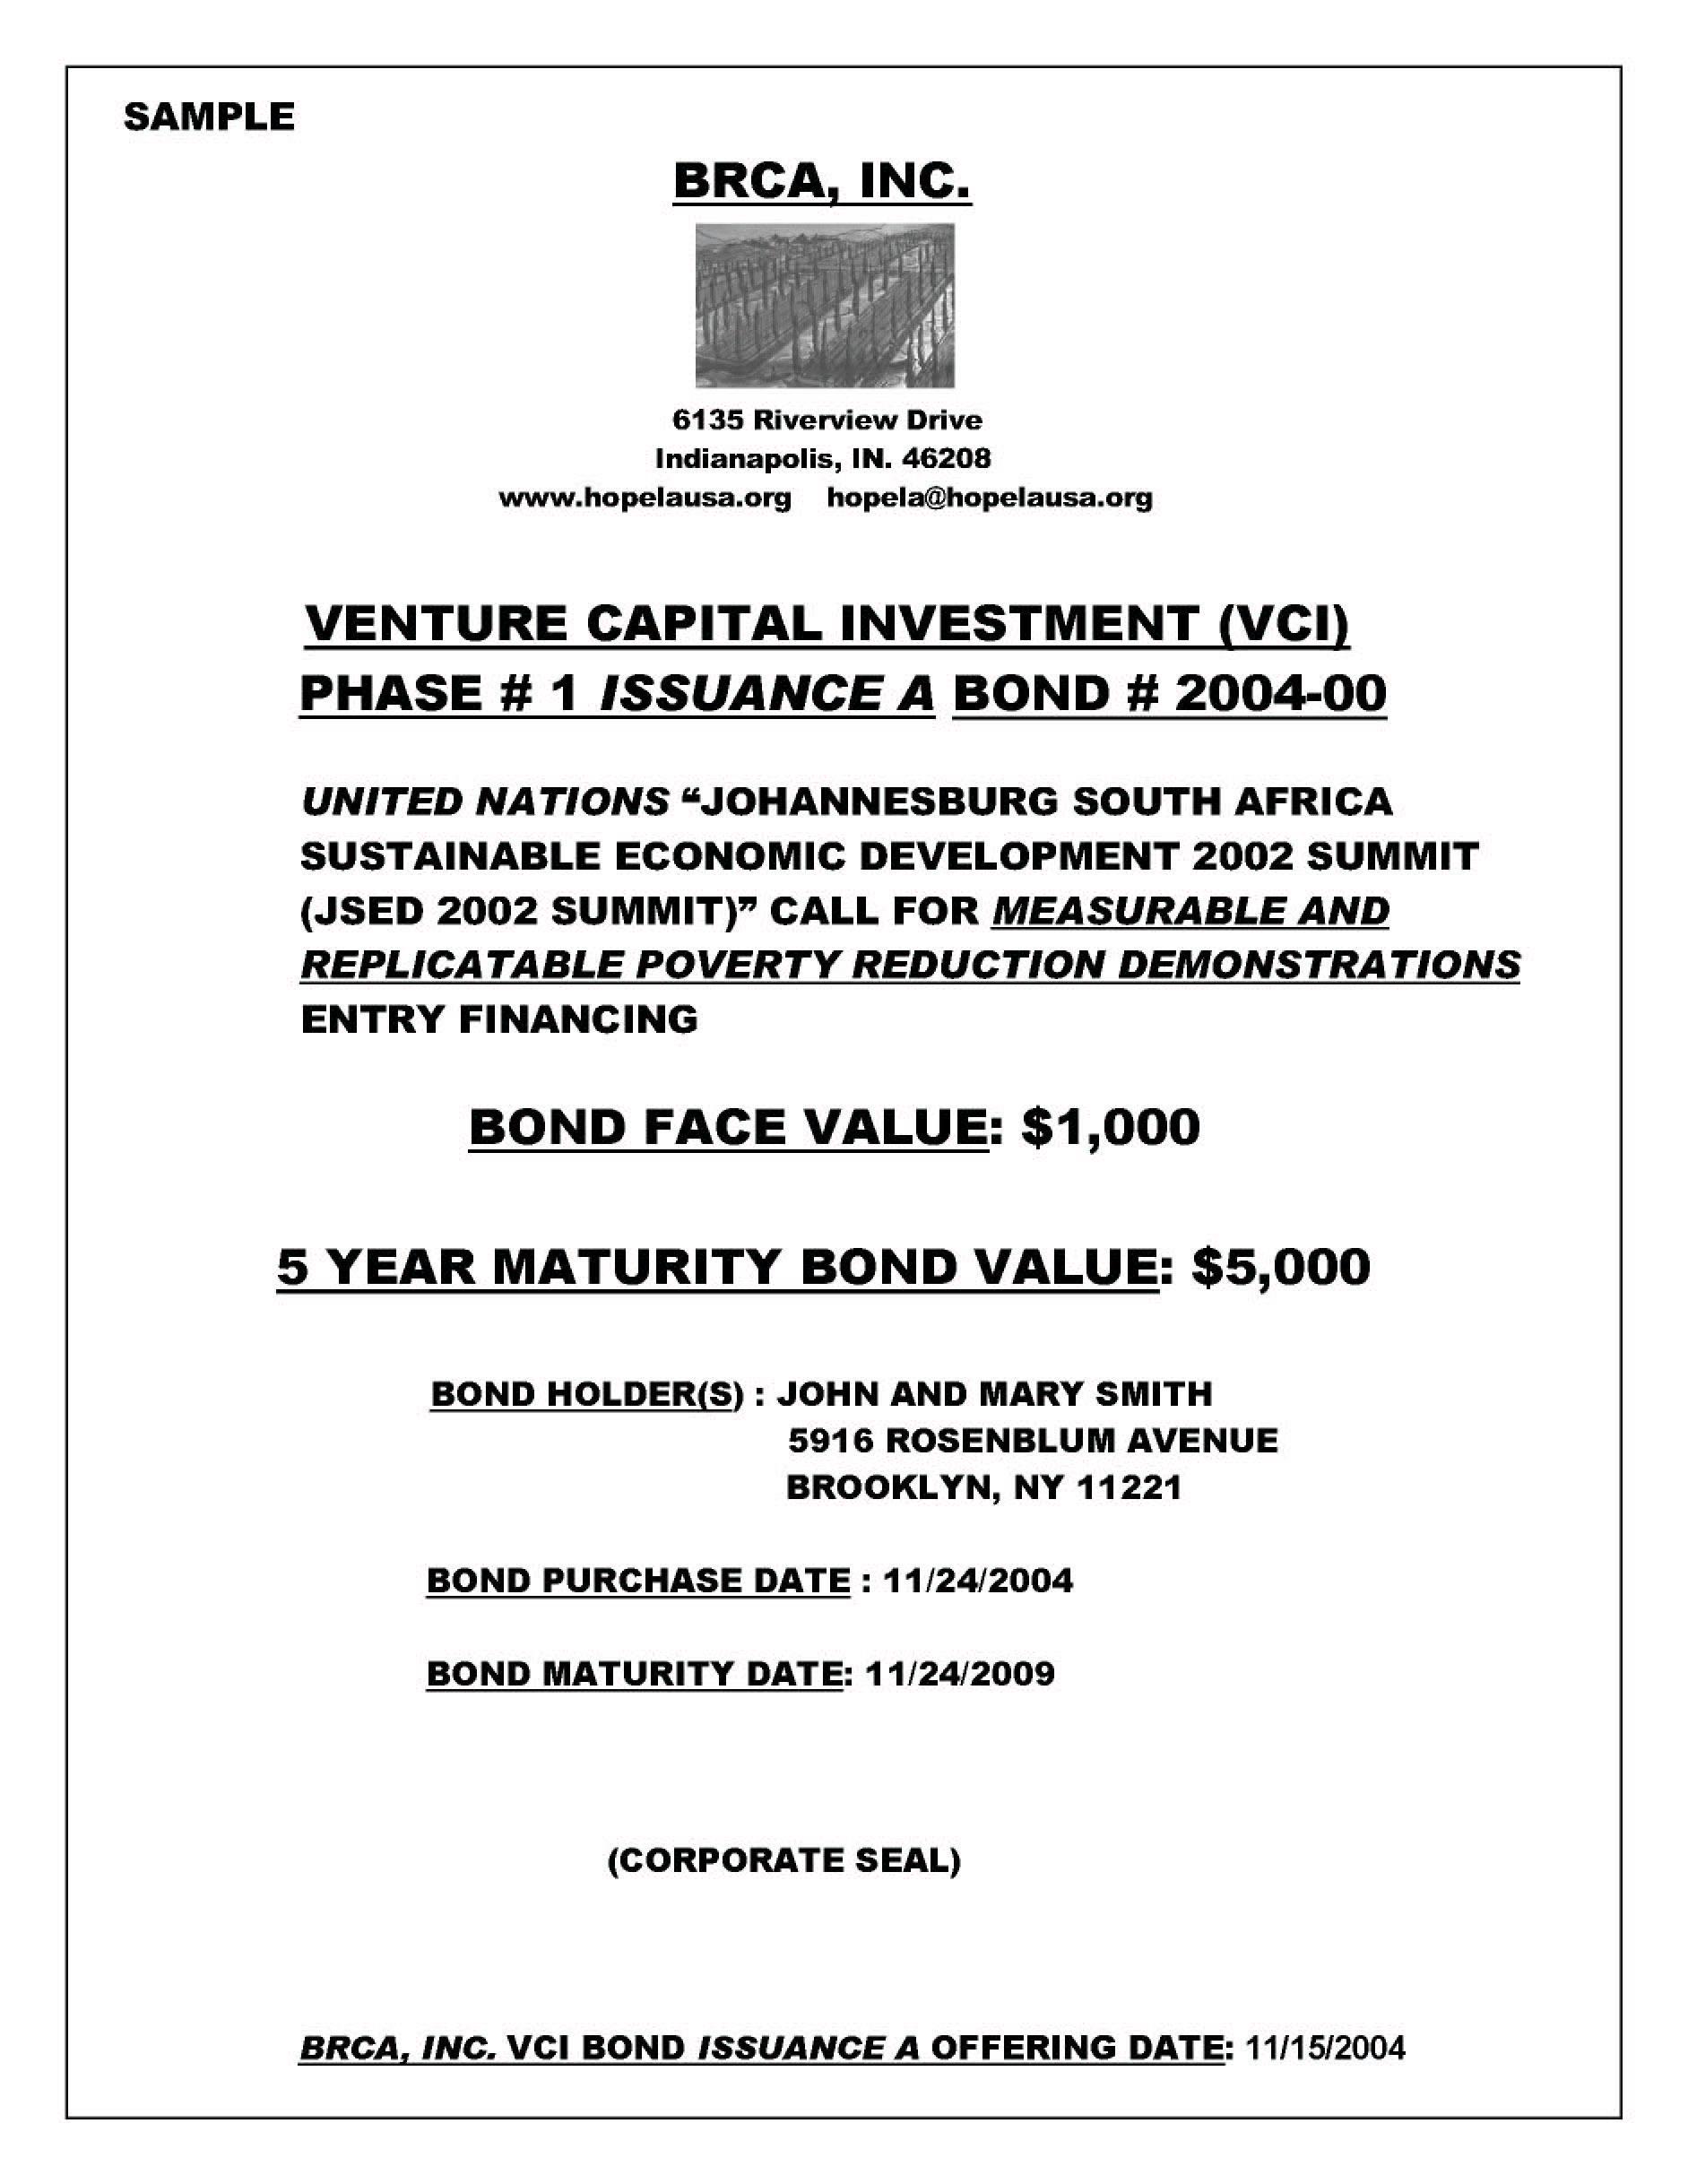 contoh surat sertifikat obligasi perusahaan